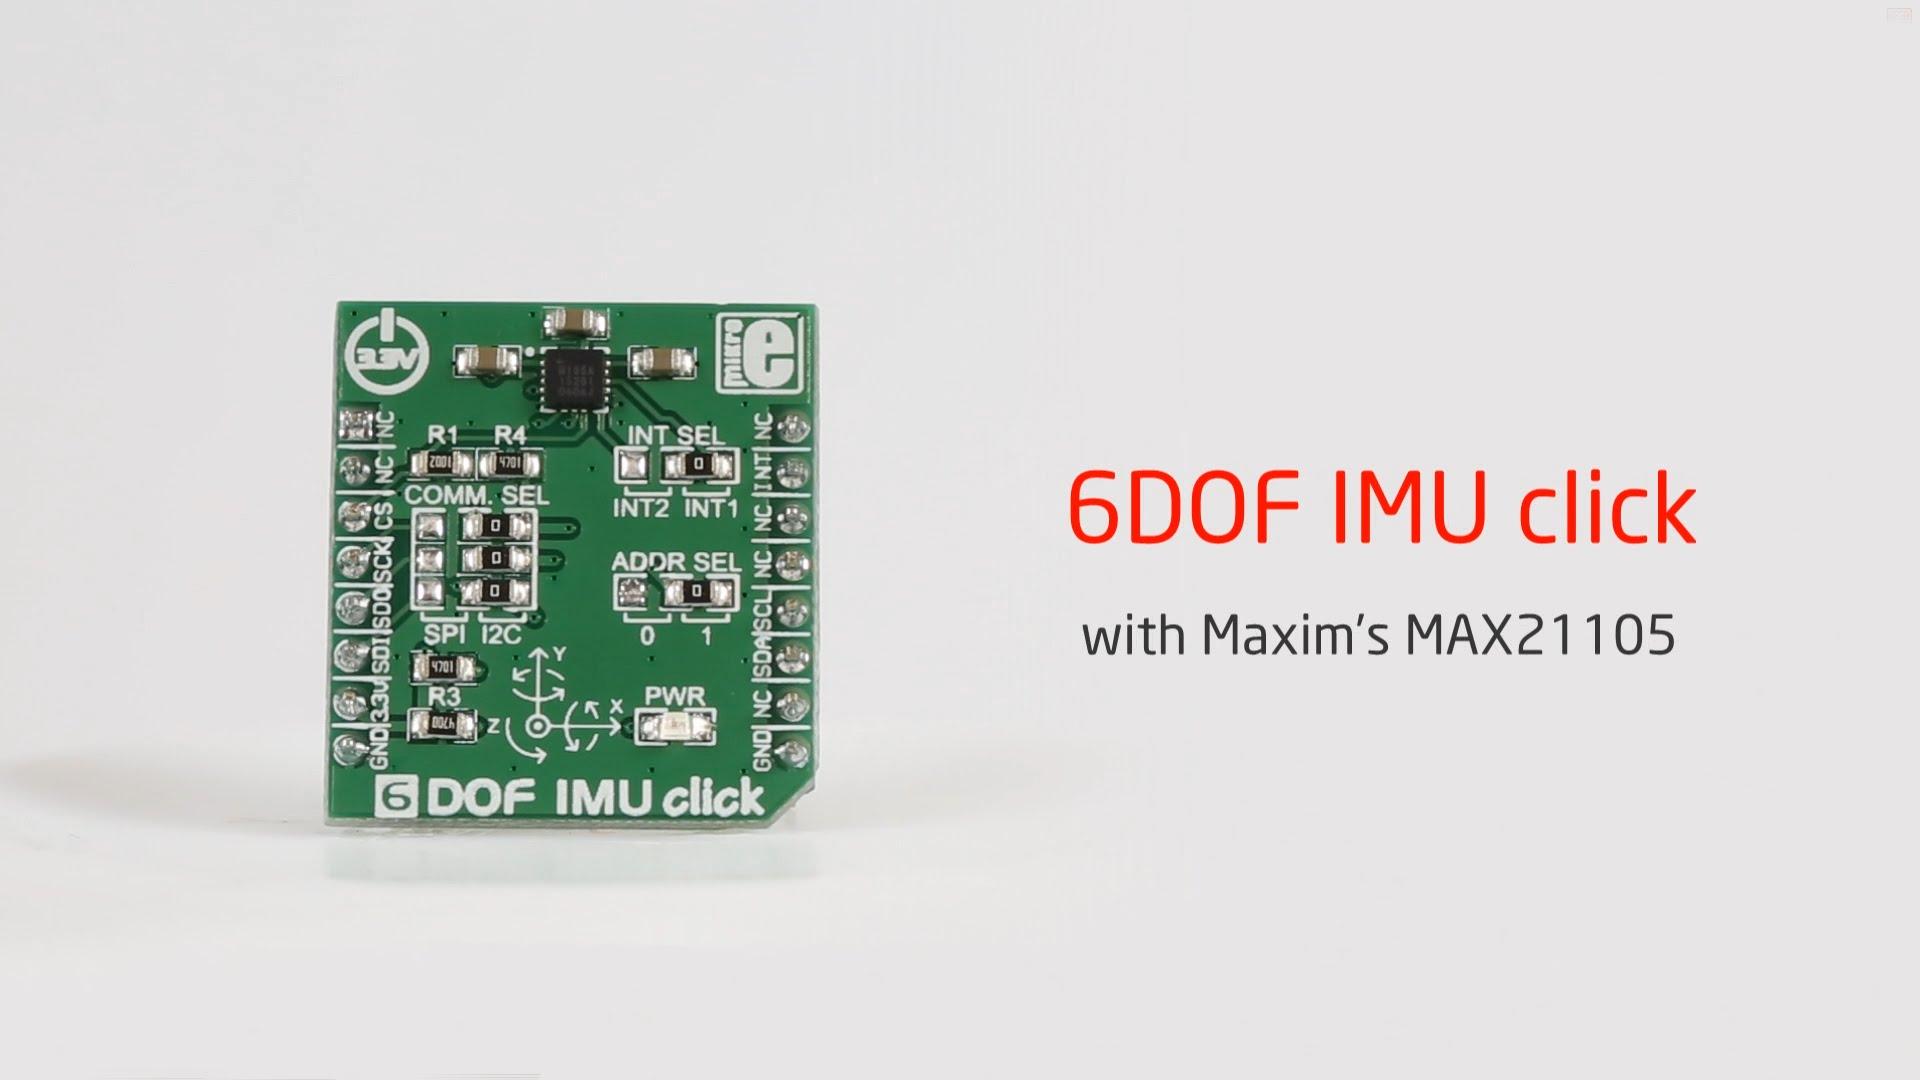 6DOF IMU click released